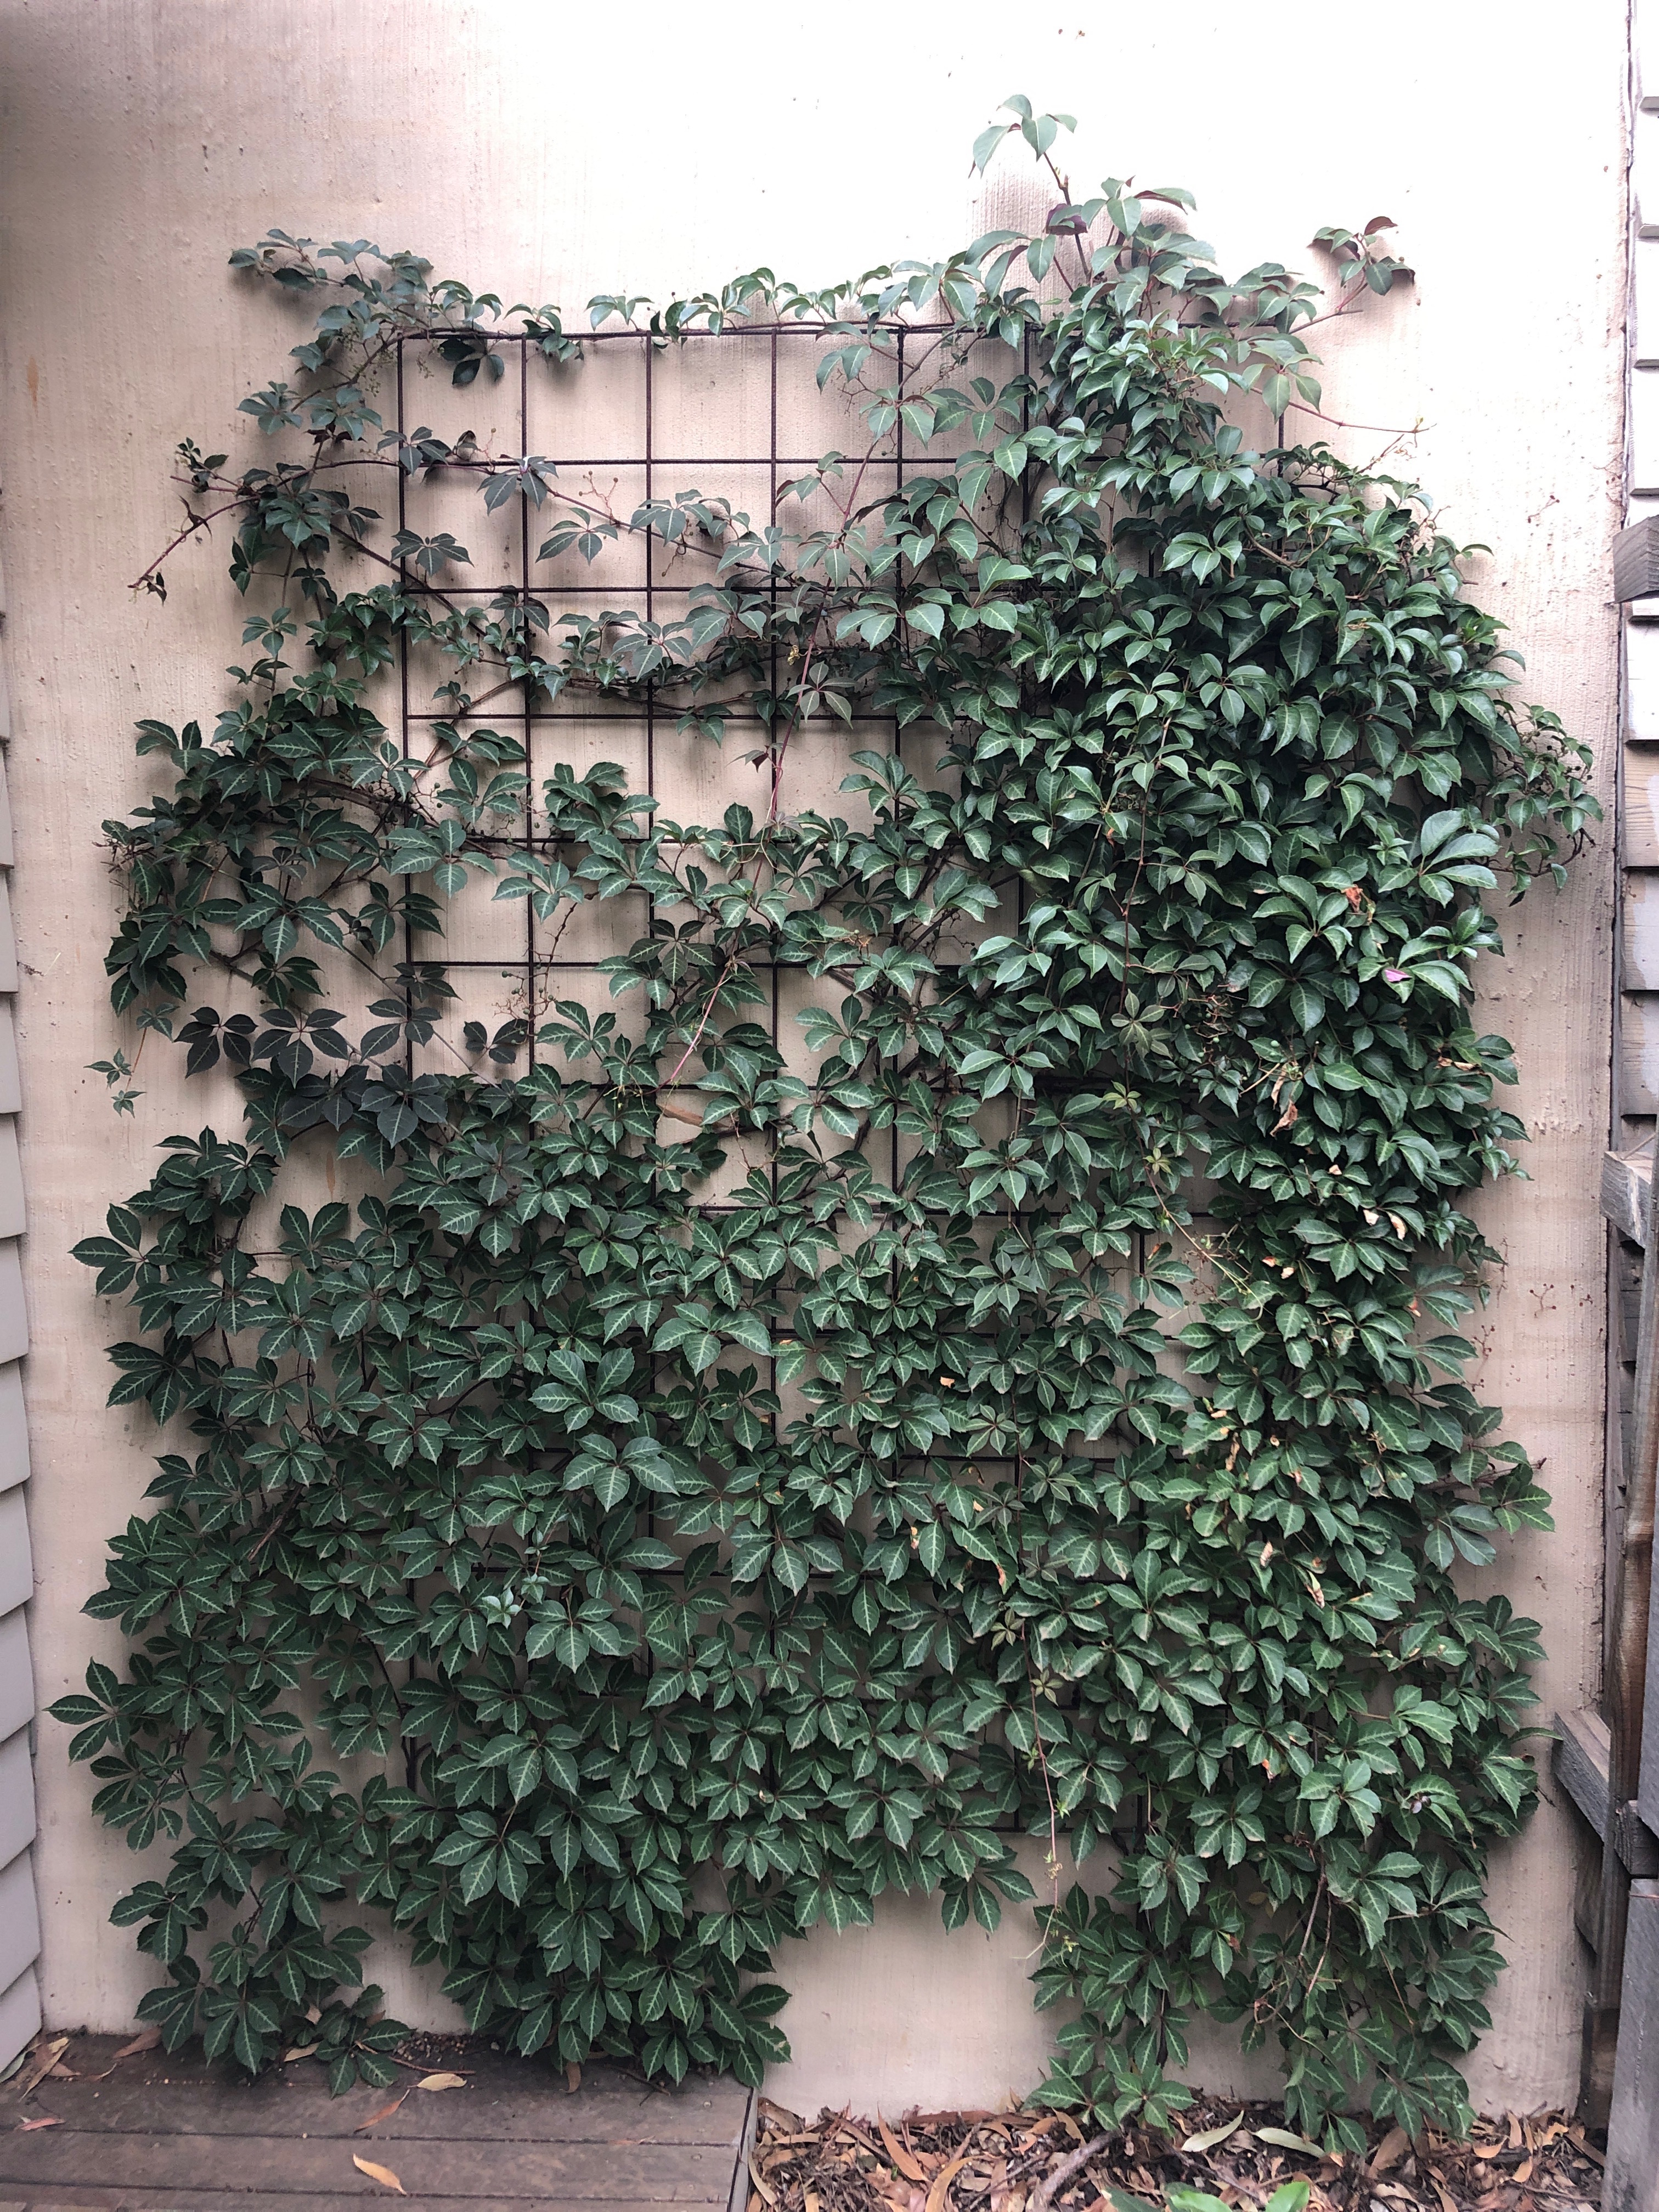 Parthenocissus henryana silver vein creeper